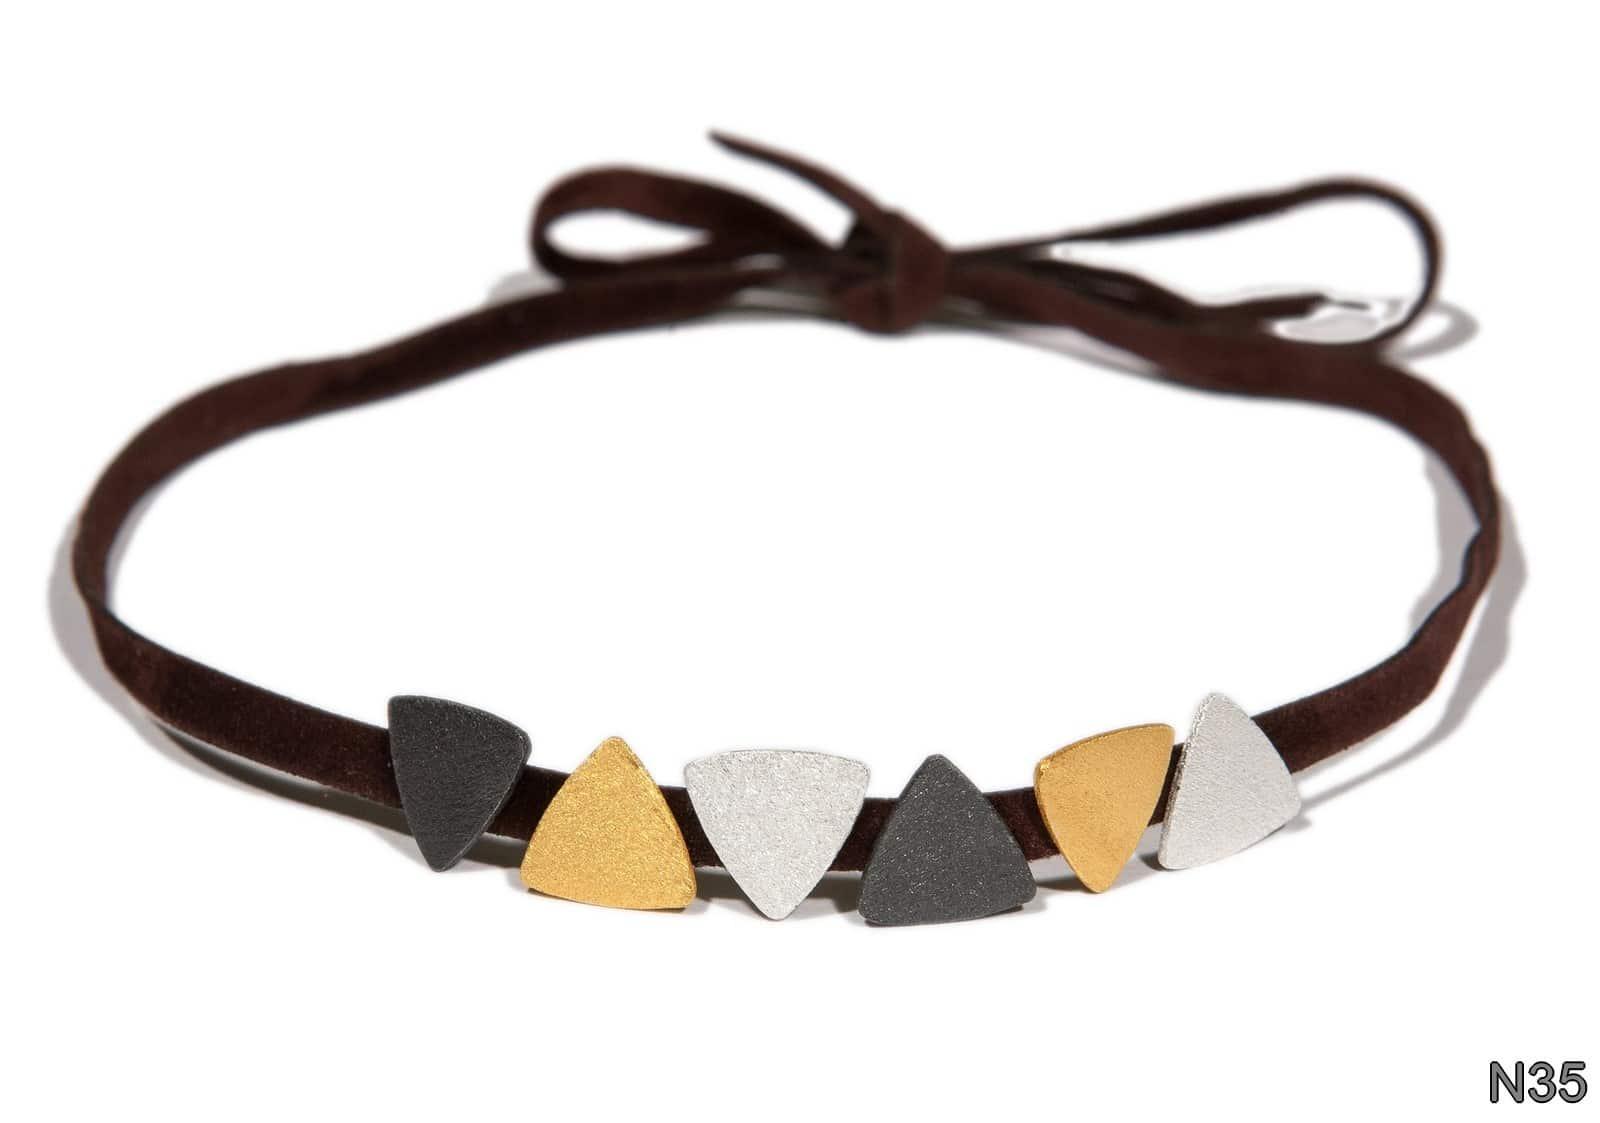 Τα κοσμήματα Sarina μπορείτε να τα βρείτε σε επιλεγμένα καταστήματα στην  Ελλάδα και το εξωτερικό και φυσικά στην επίσημη ιστοσελίδα της Σαρίνας Μπέζα  και ... dad3c61a6f4